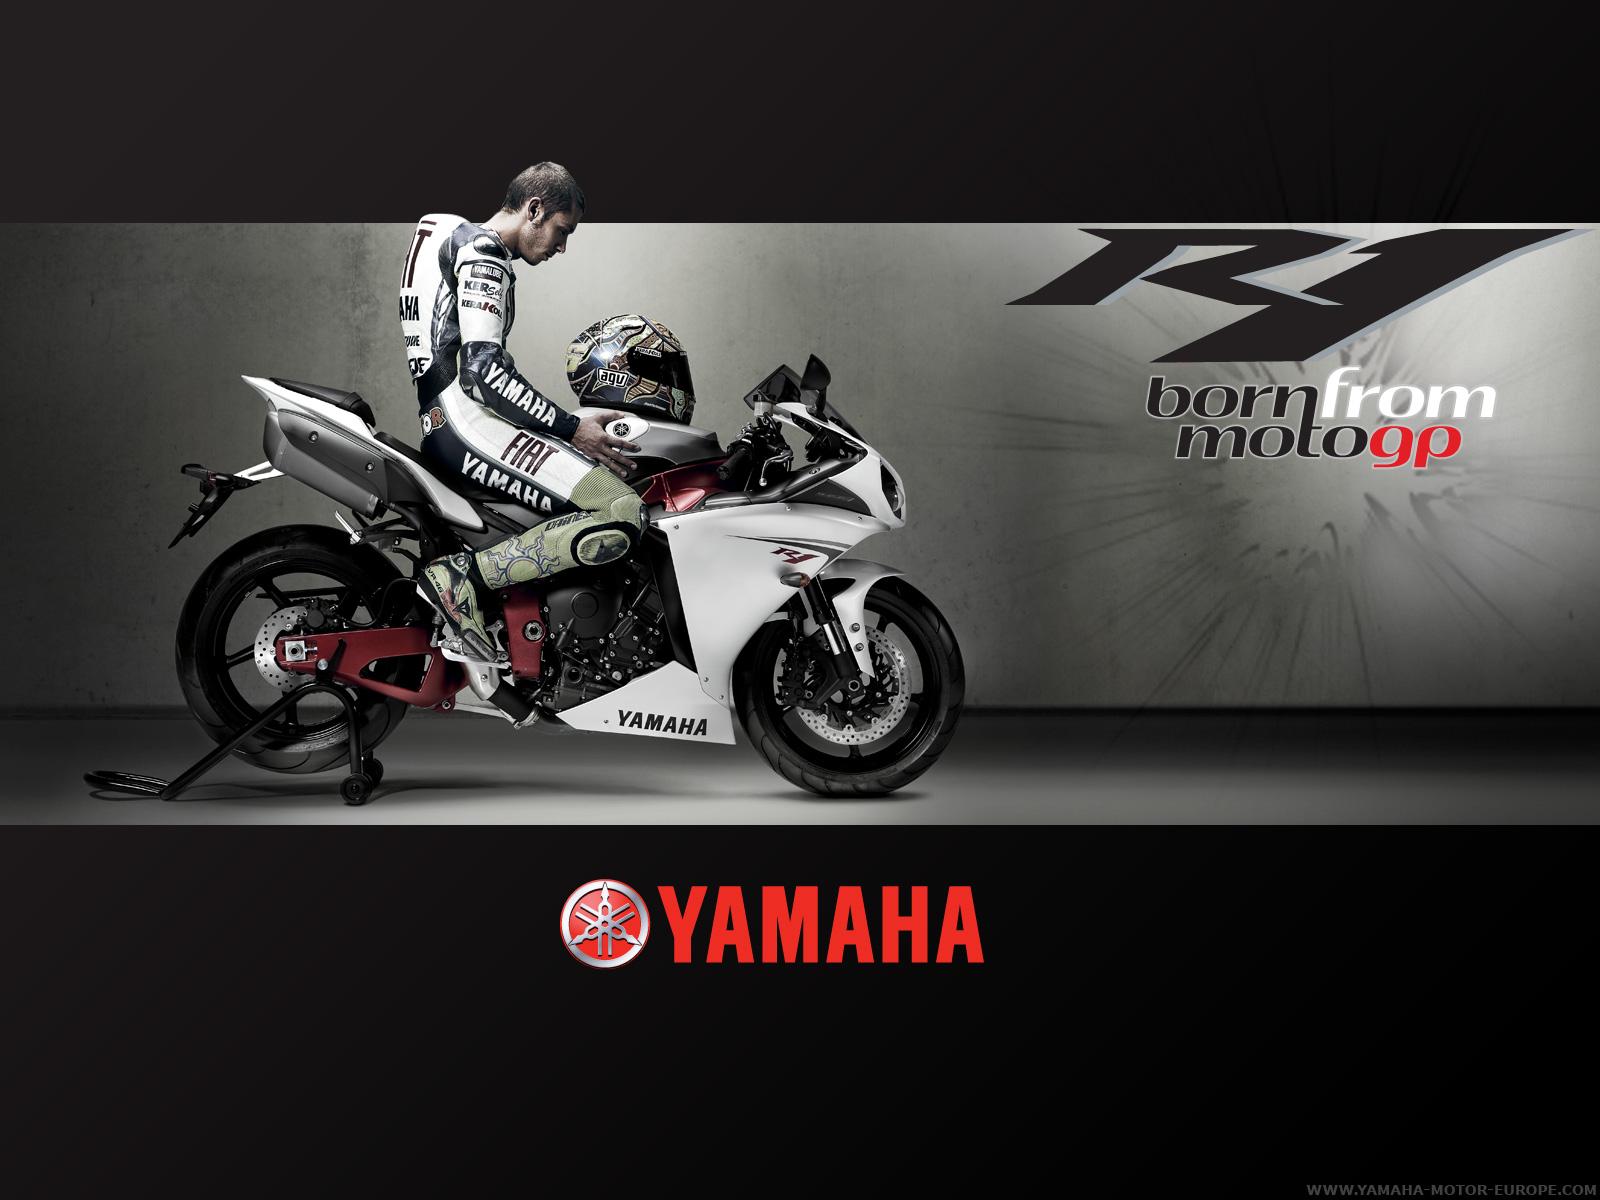 http://3.bp.blogspot.com/-iJYWCXi9Jpc/TaLbHQSm0uI/AAAAAAAAAAw/f6aaZby7YYM/s1600/2009-Yamaha-YZF-R1-Wallpaper-black-1600x1200-01_tcm26-315266.jpg